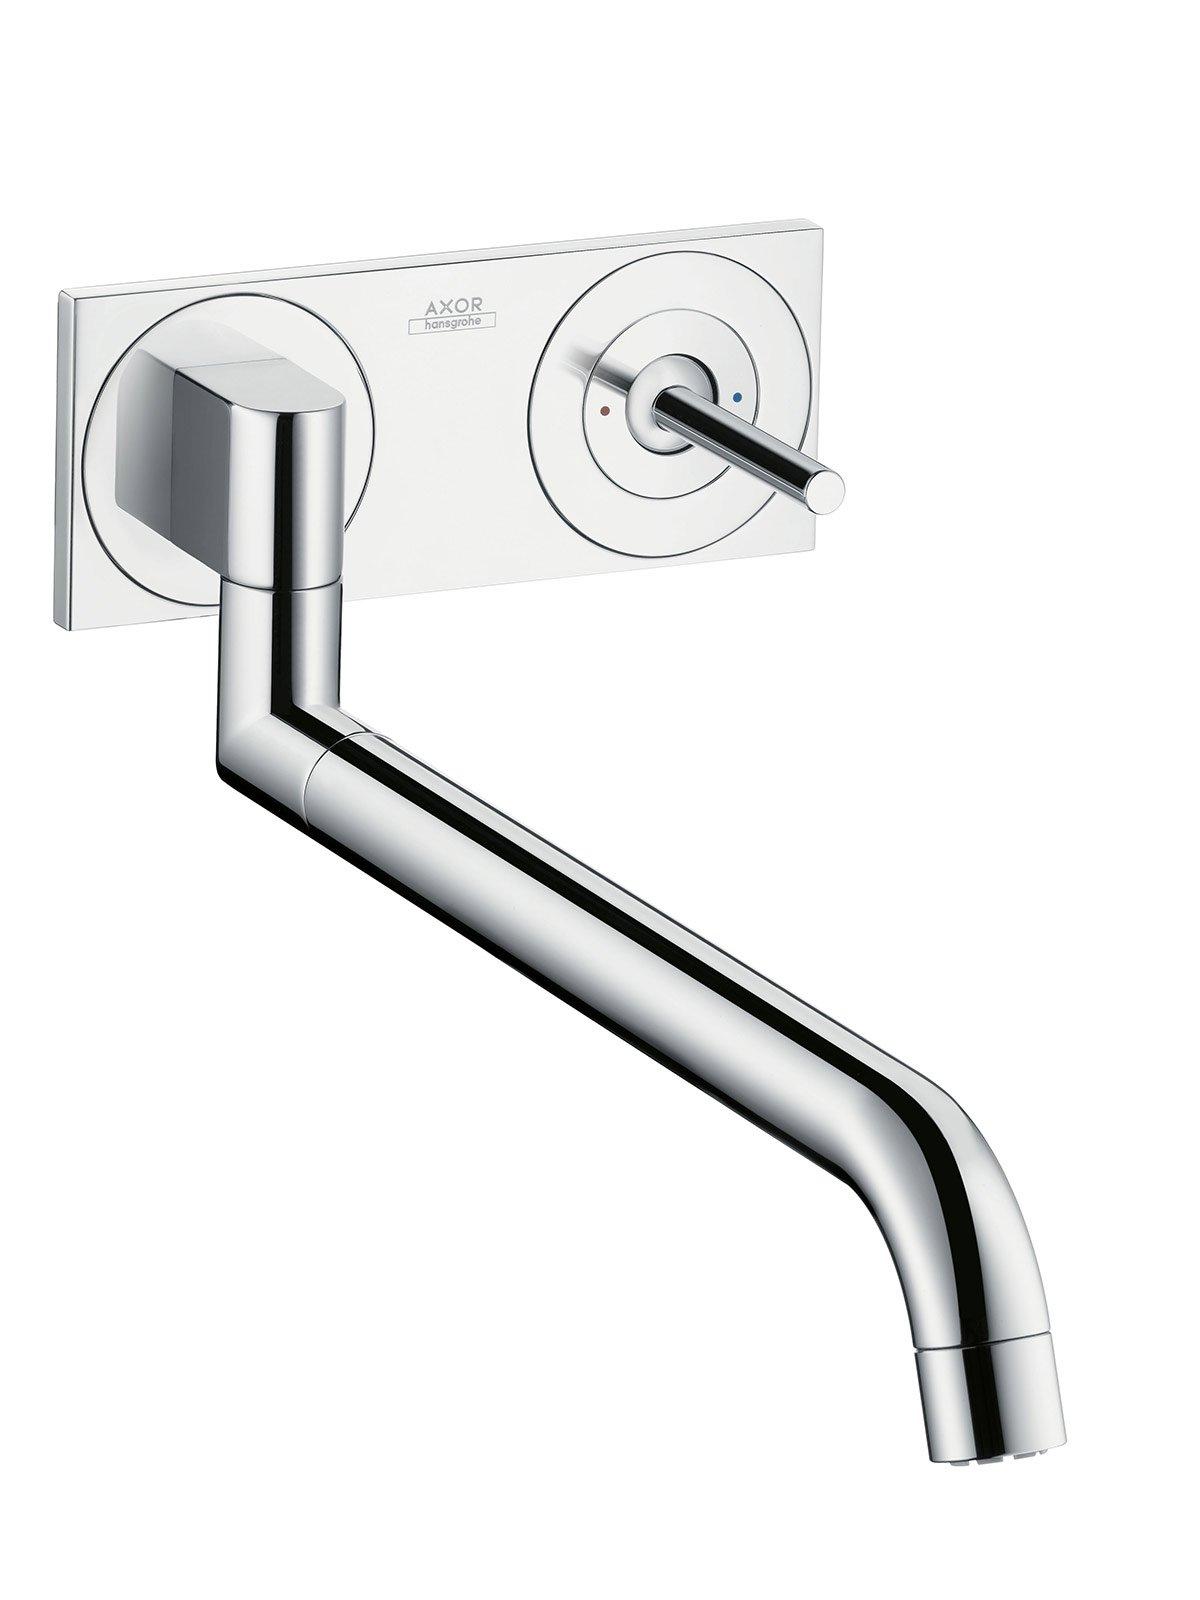 cucina: rubinetti per il lavello - cose di casa - Miscelatore Da Cucina